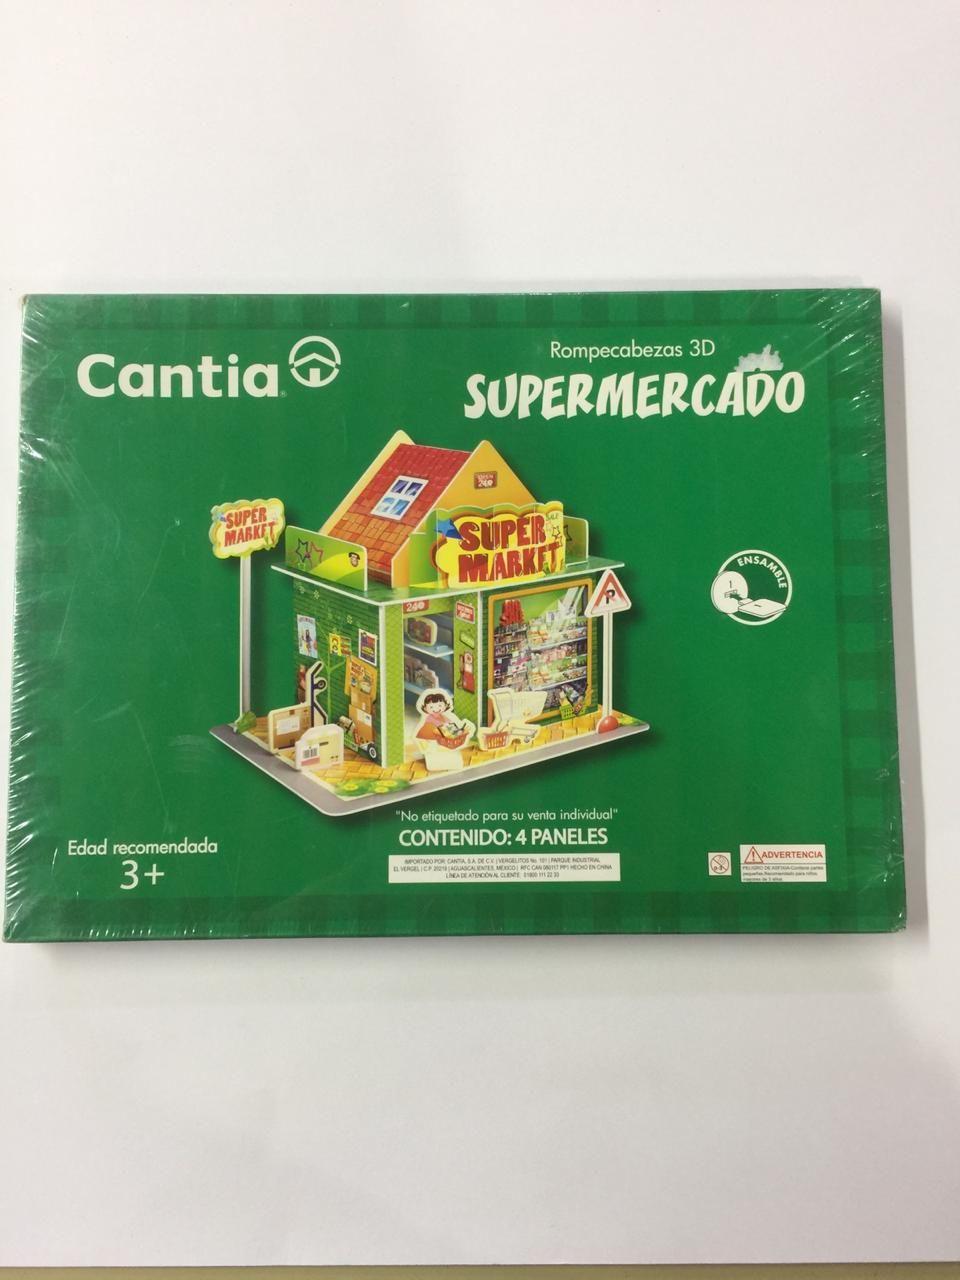 ROMPECABEZAS 3D SUPERMERCADO